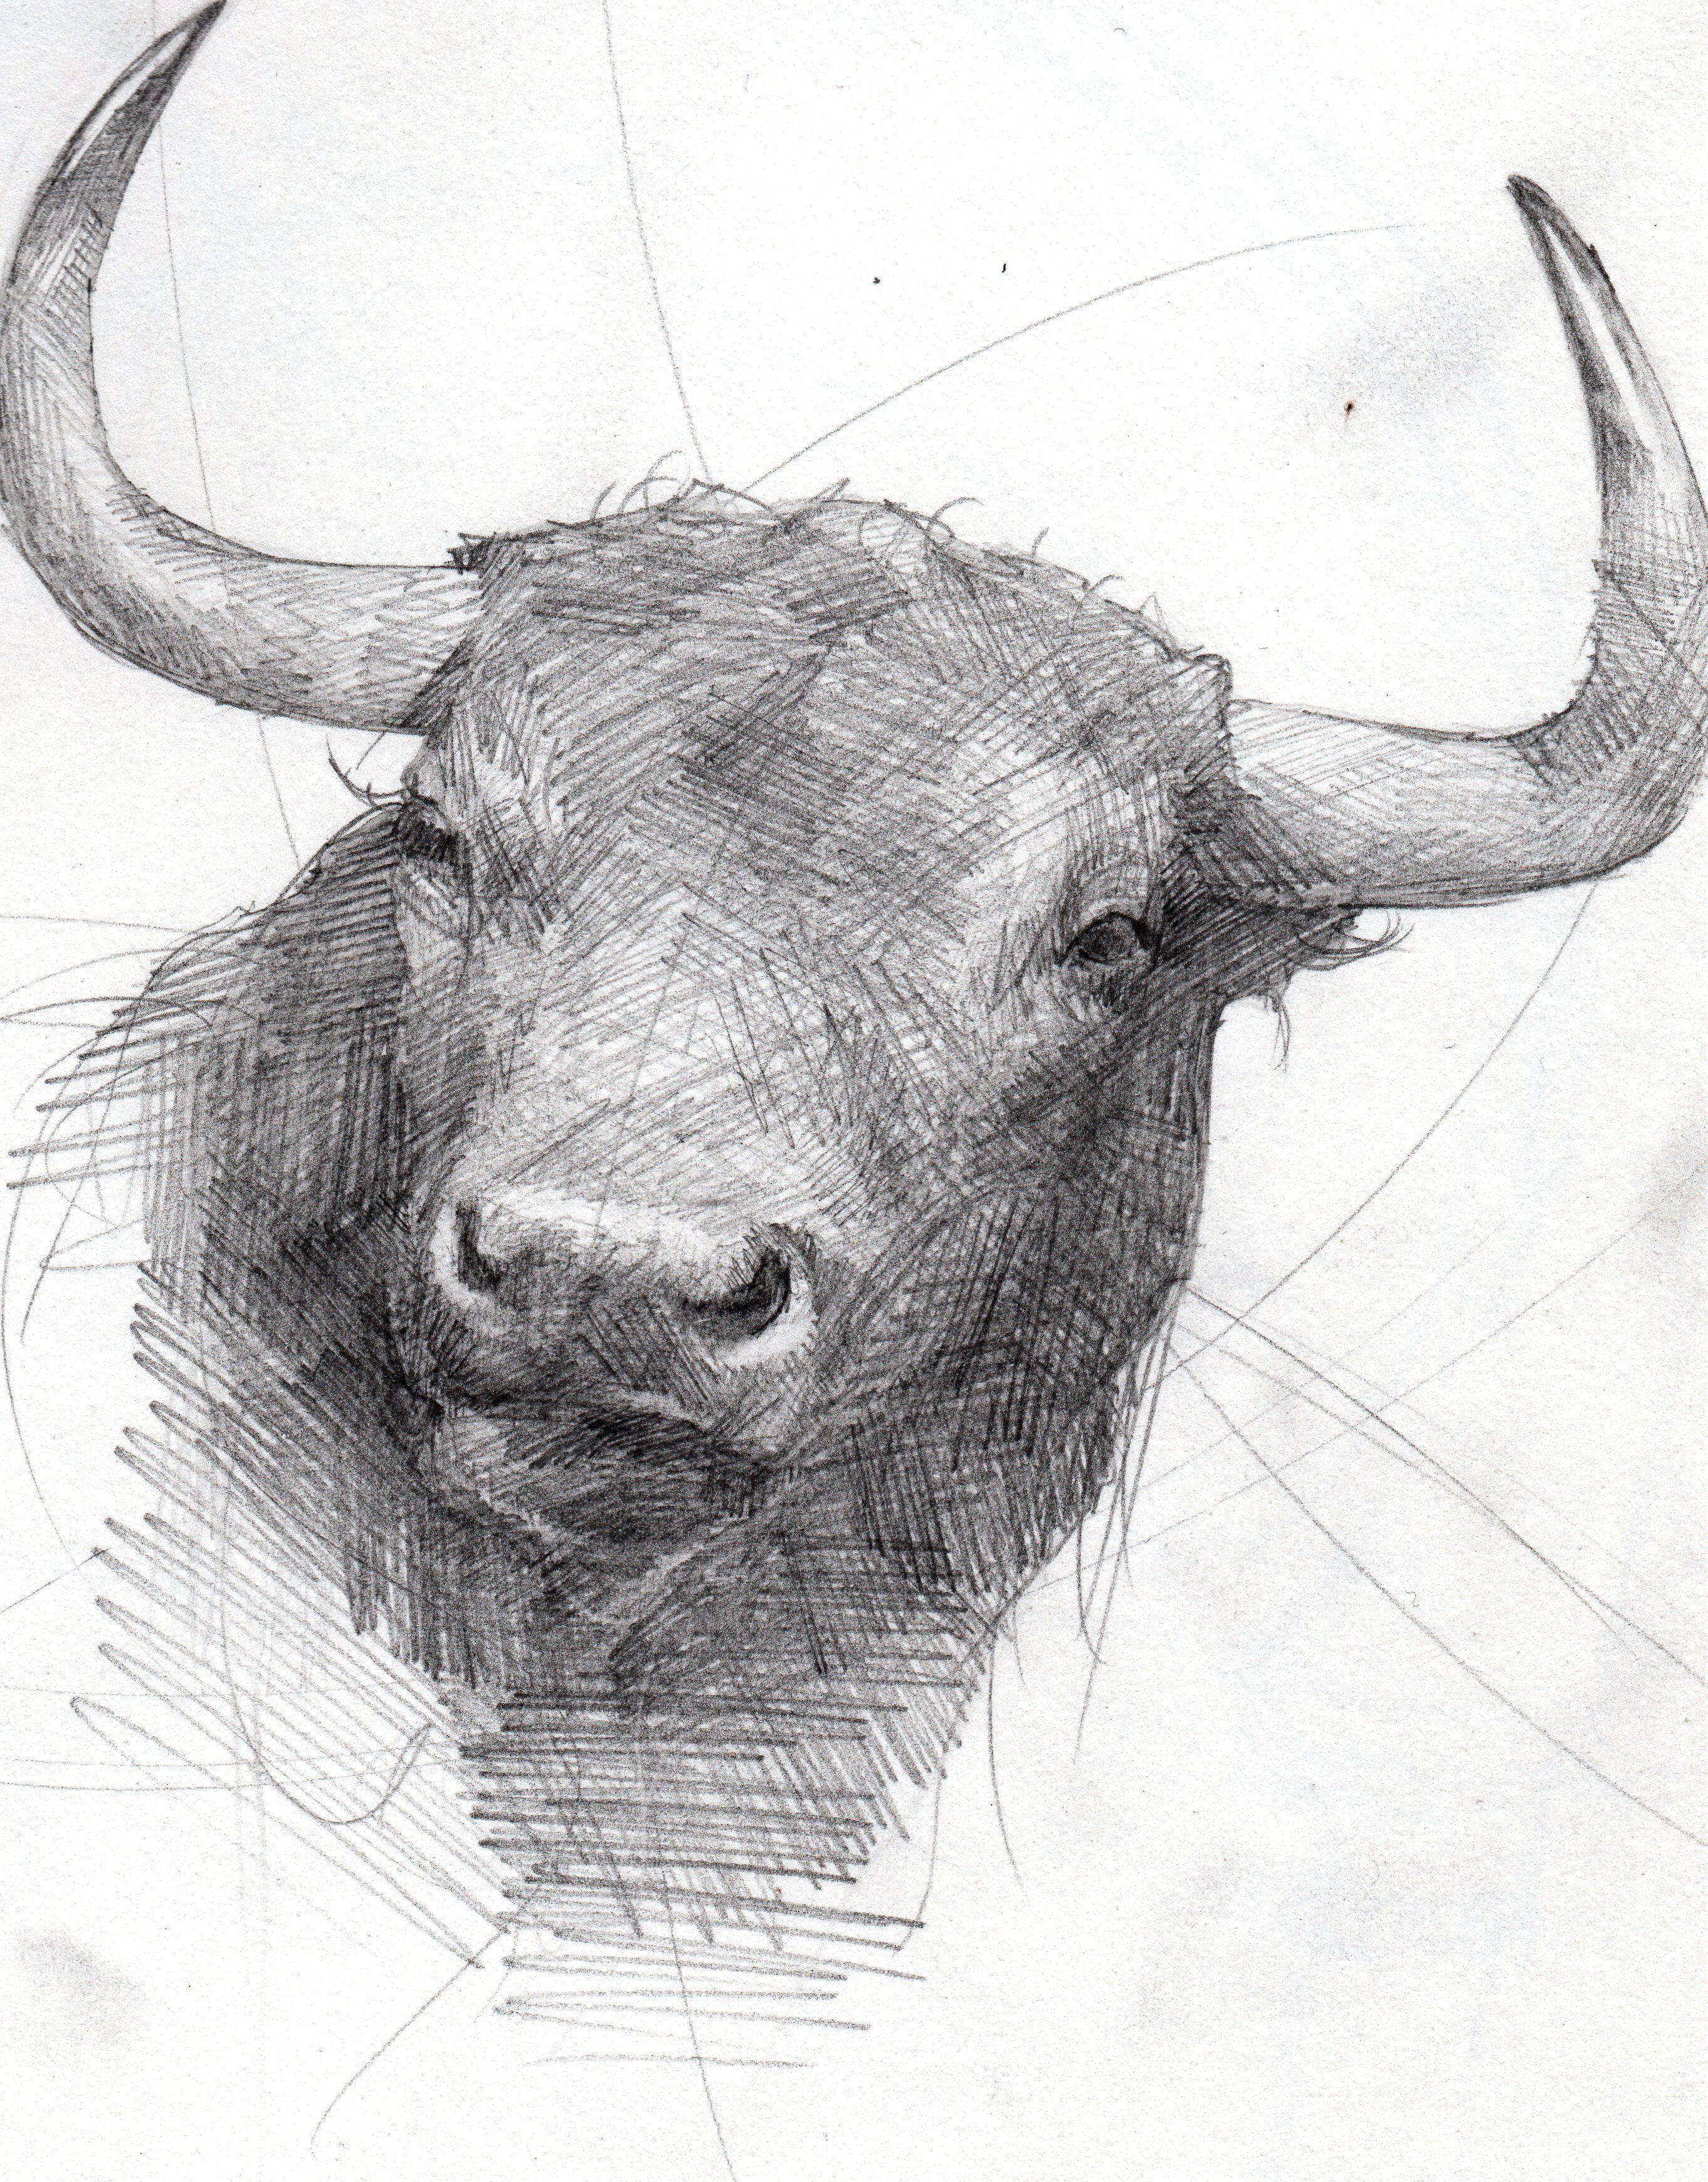 Toro grafito juan ruiz j 39 aime peinture - Dessin de toro ...